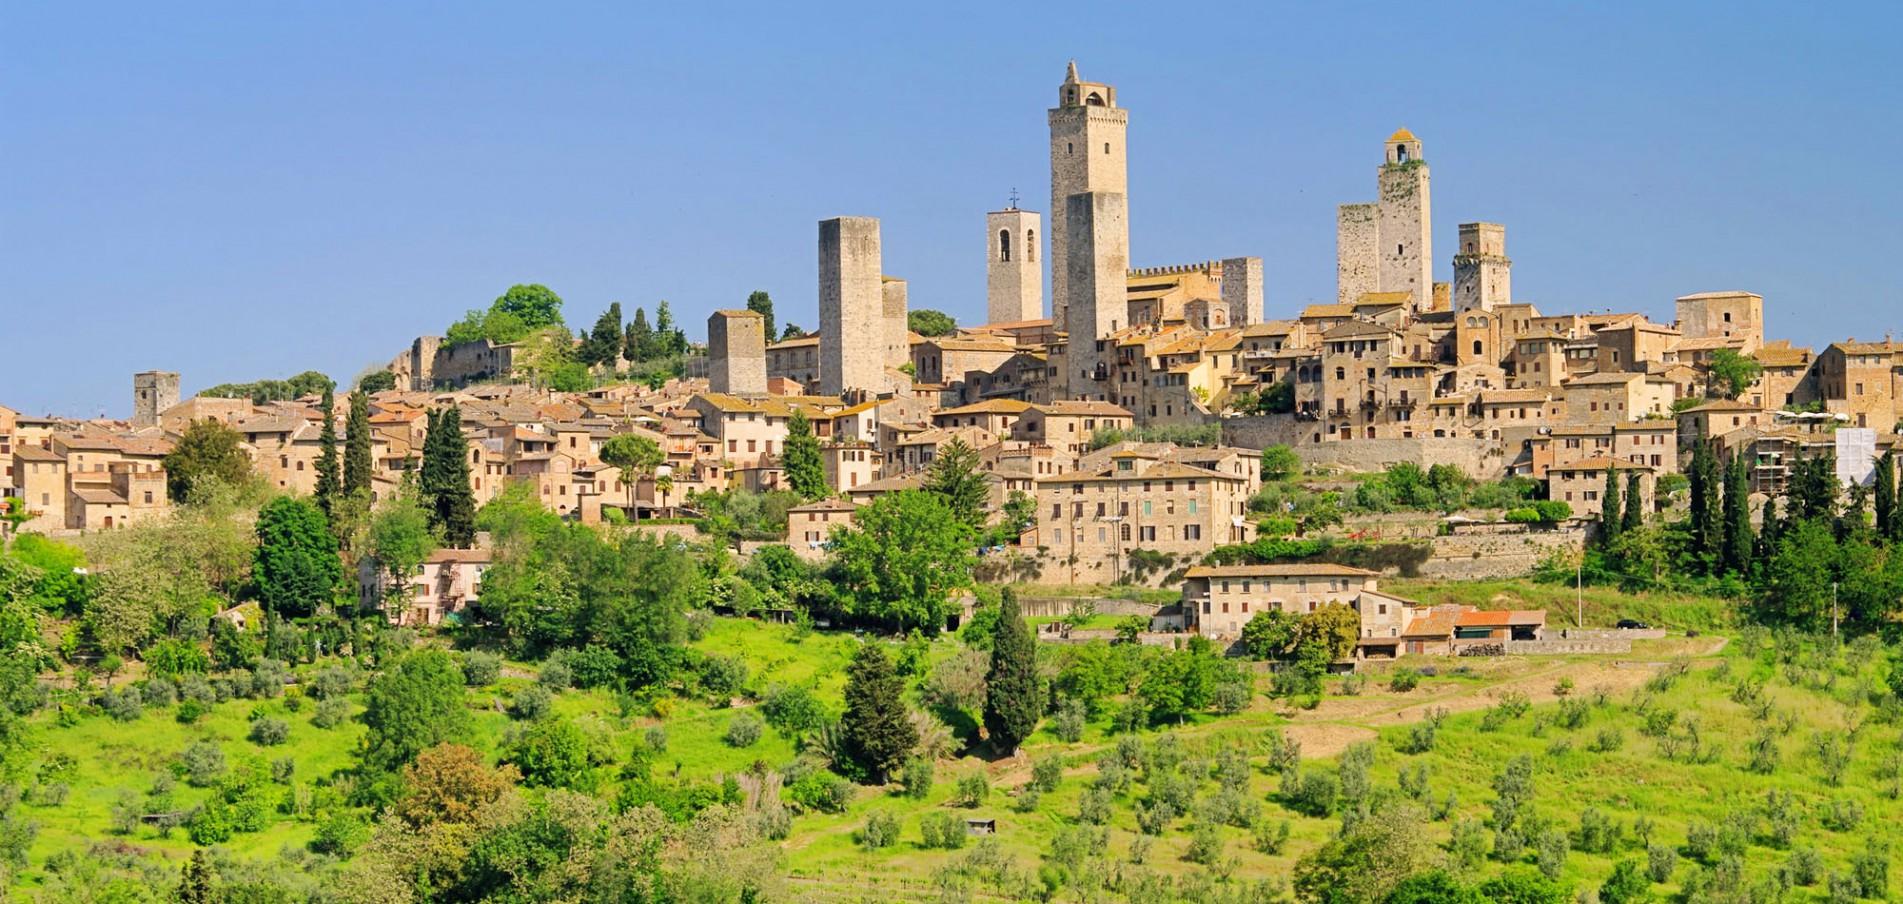 Willkommen in der Toskana ... Sonne, Weinberge und historische Städte!